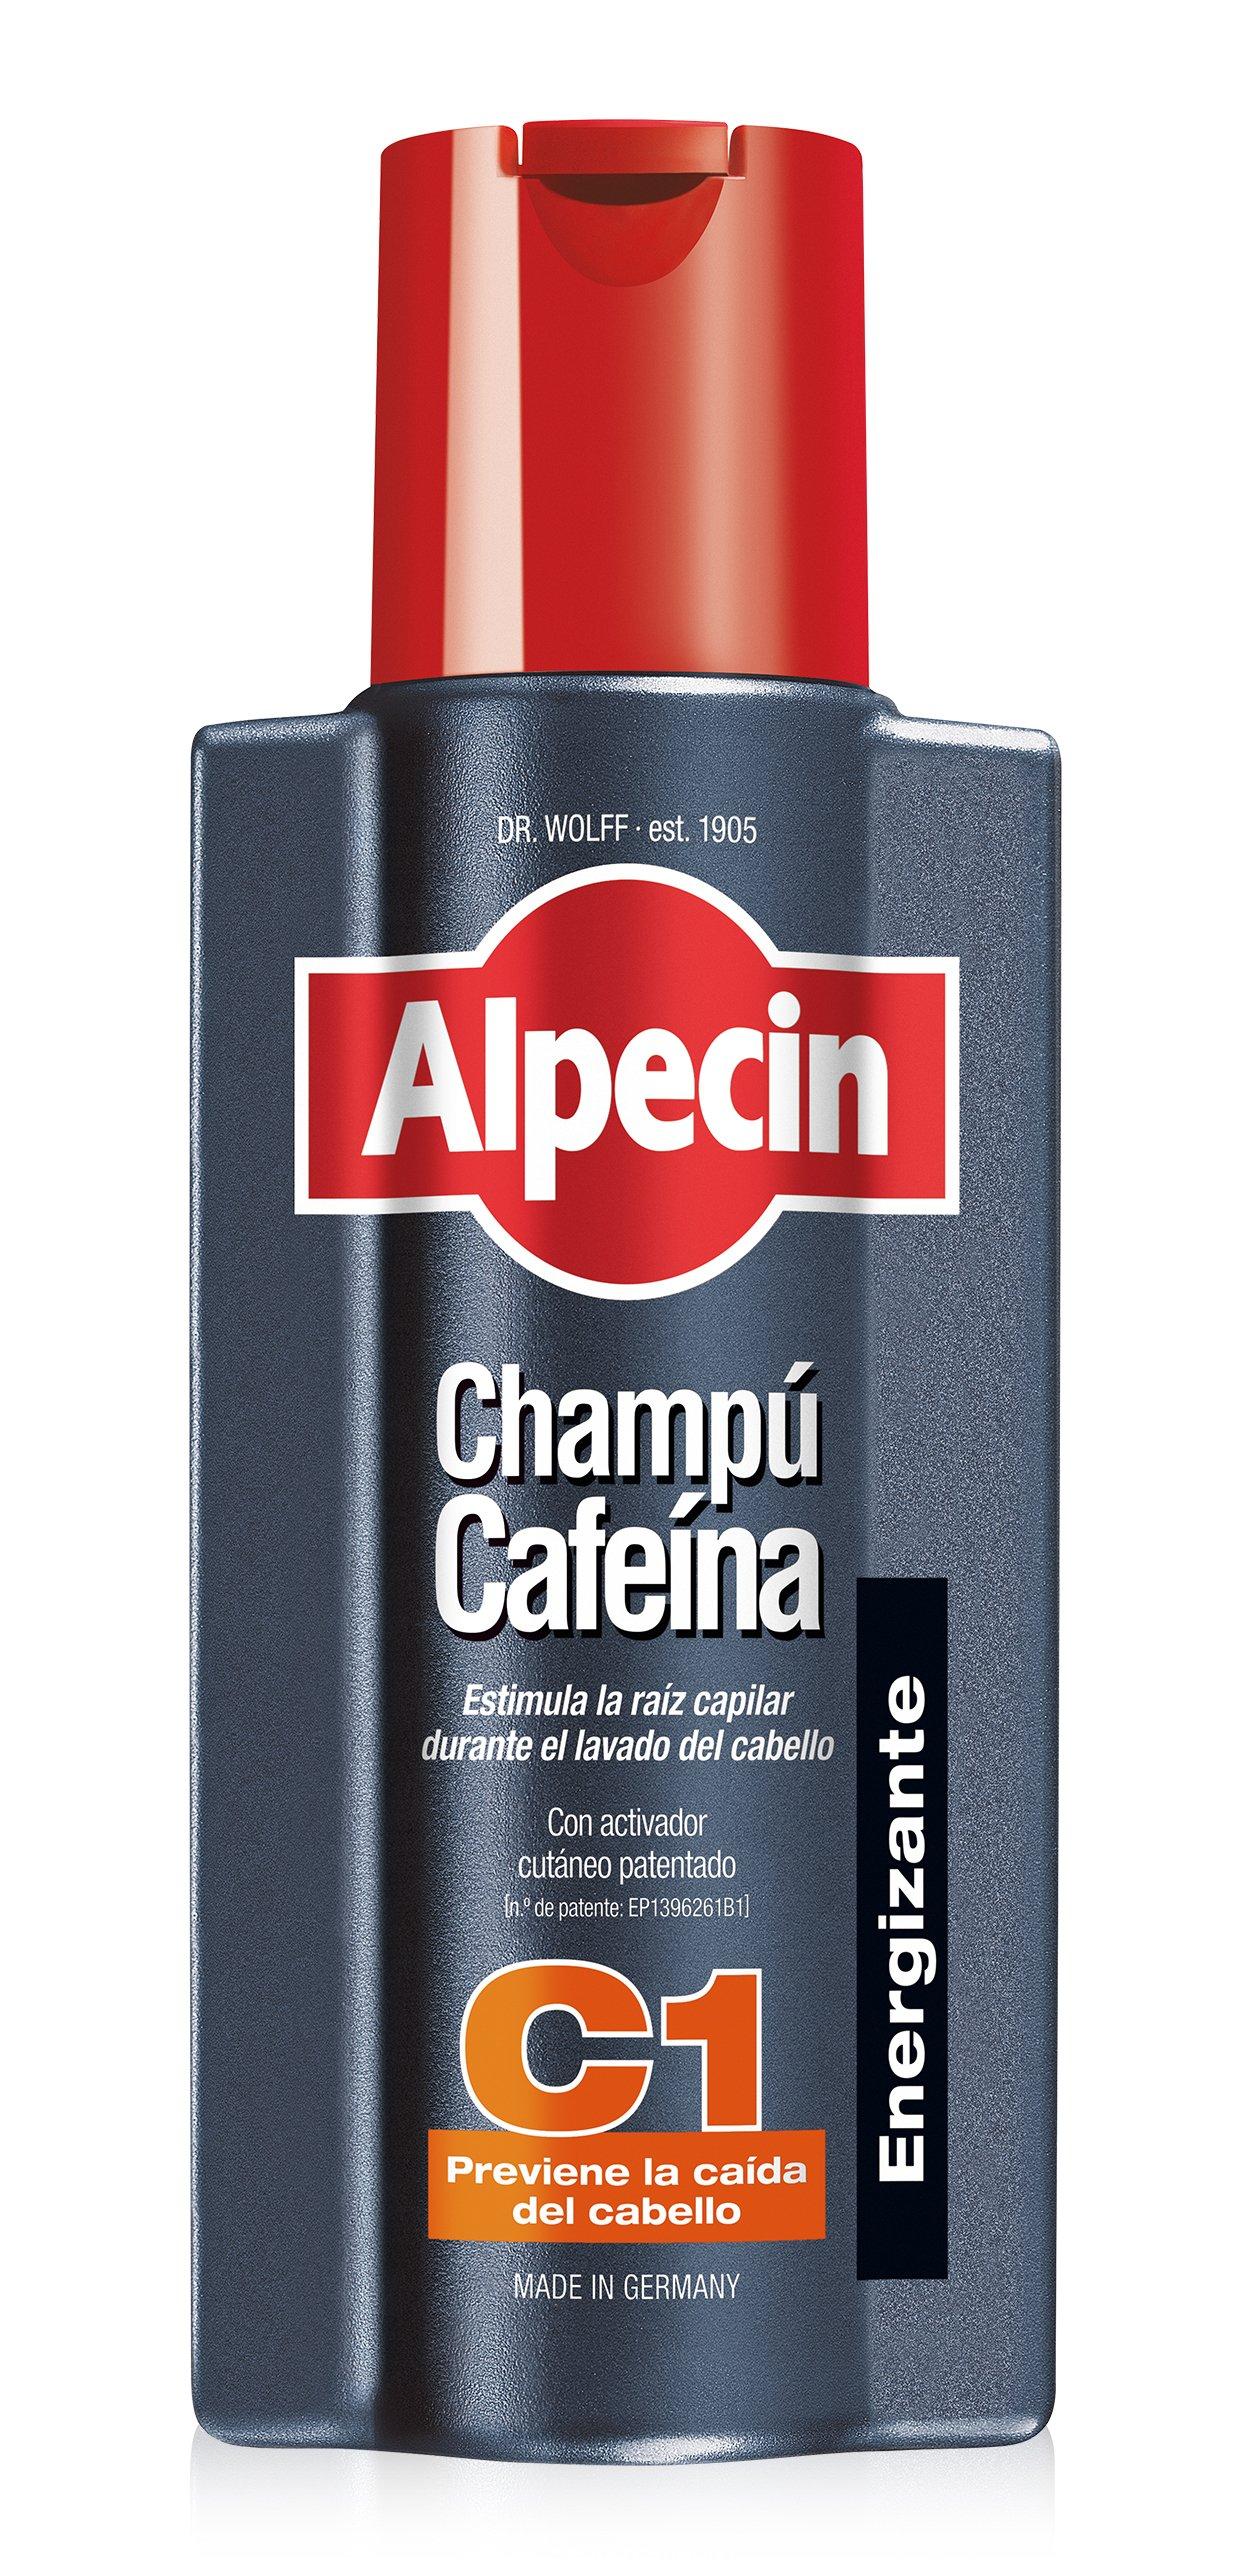 Alpecin Champú Cafeína C1, Champú anticaída - 1 x 250 ml product image